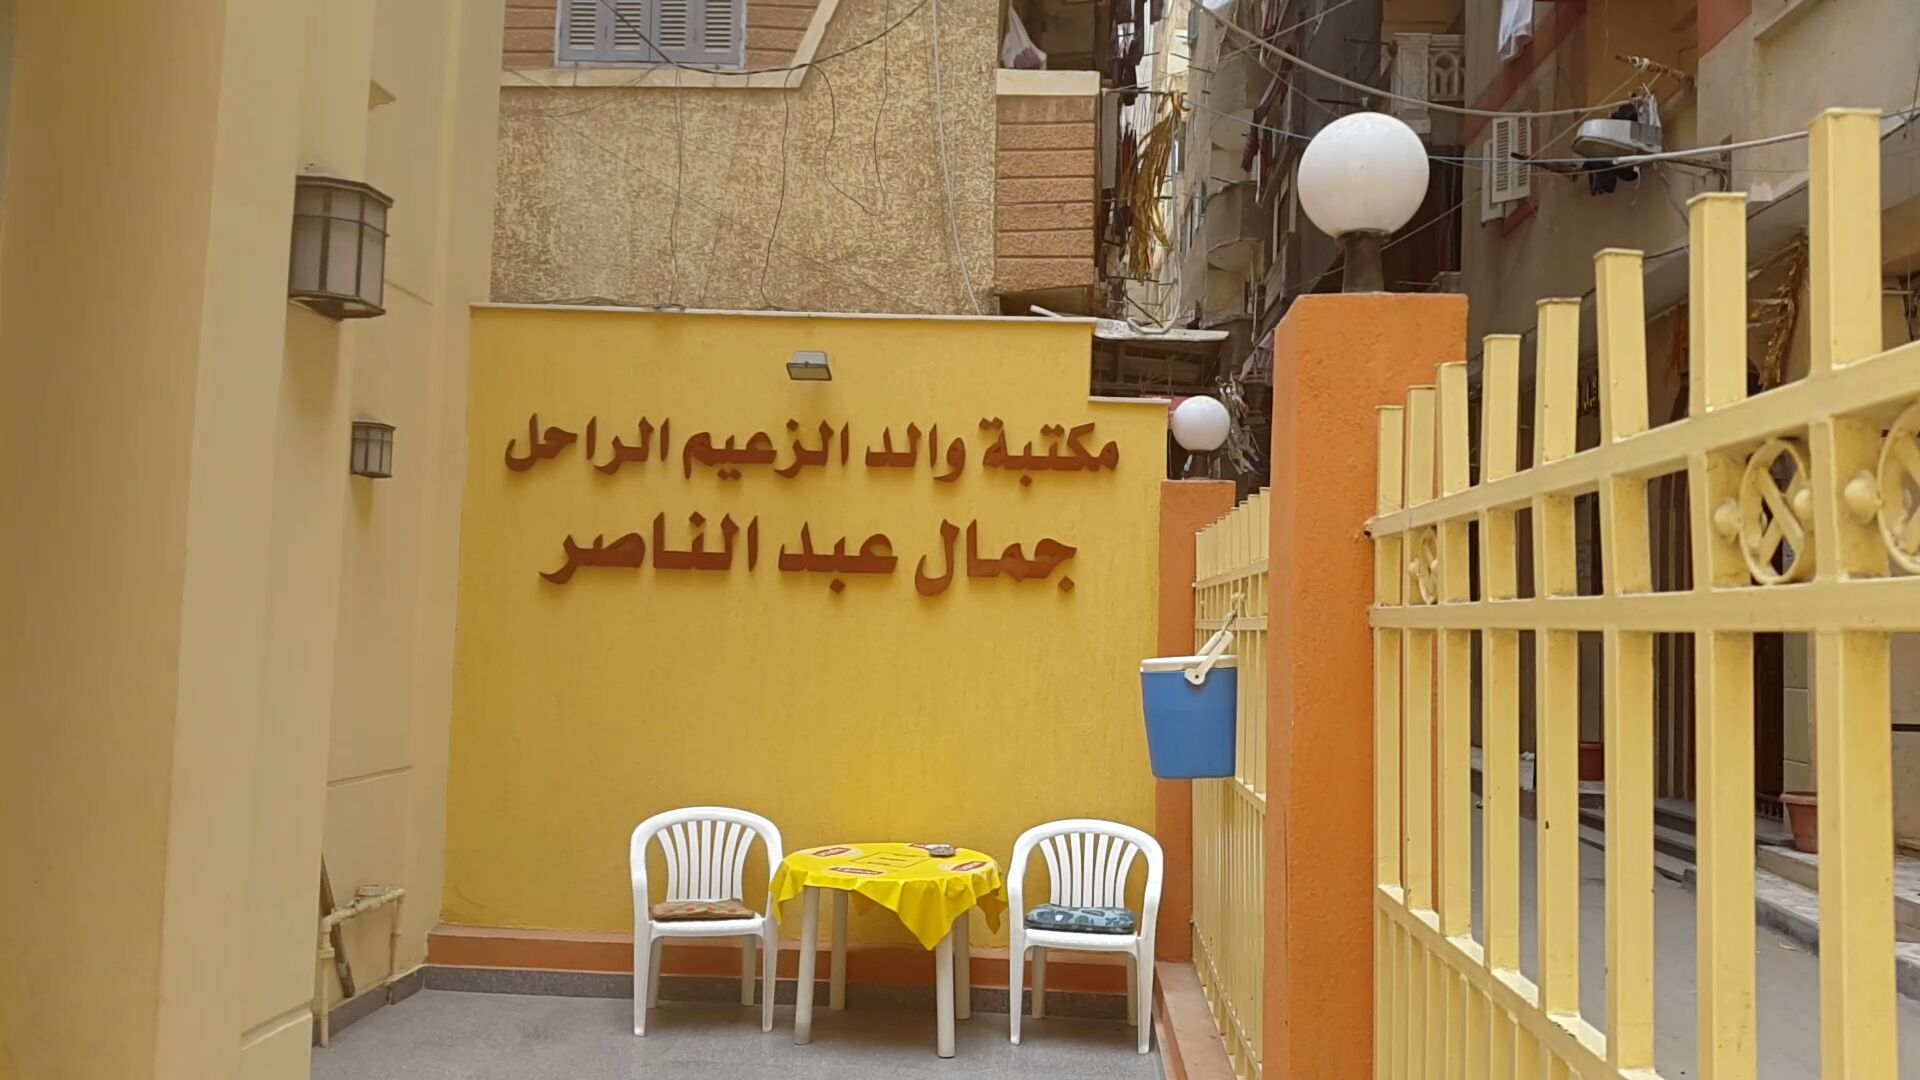 منزل الزعيم الراحل جمال عبد الناصر بالإسكندرية (4)